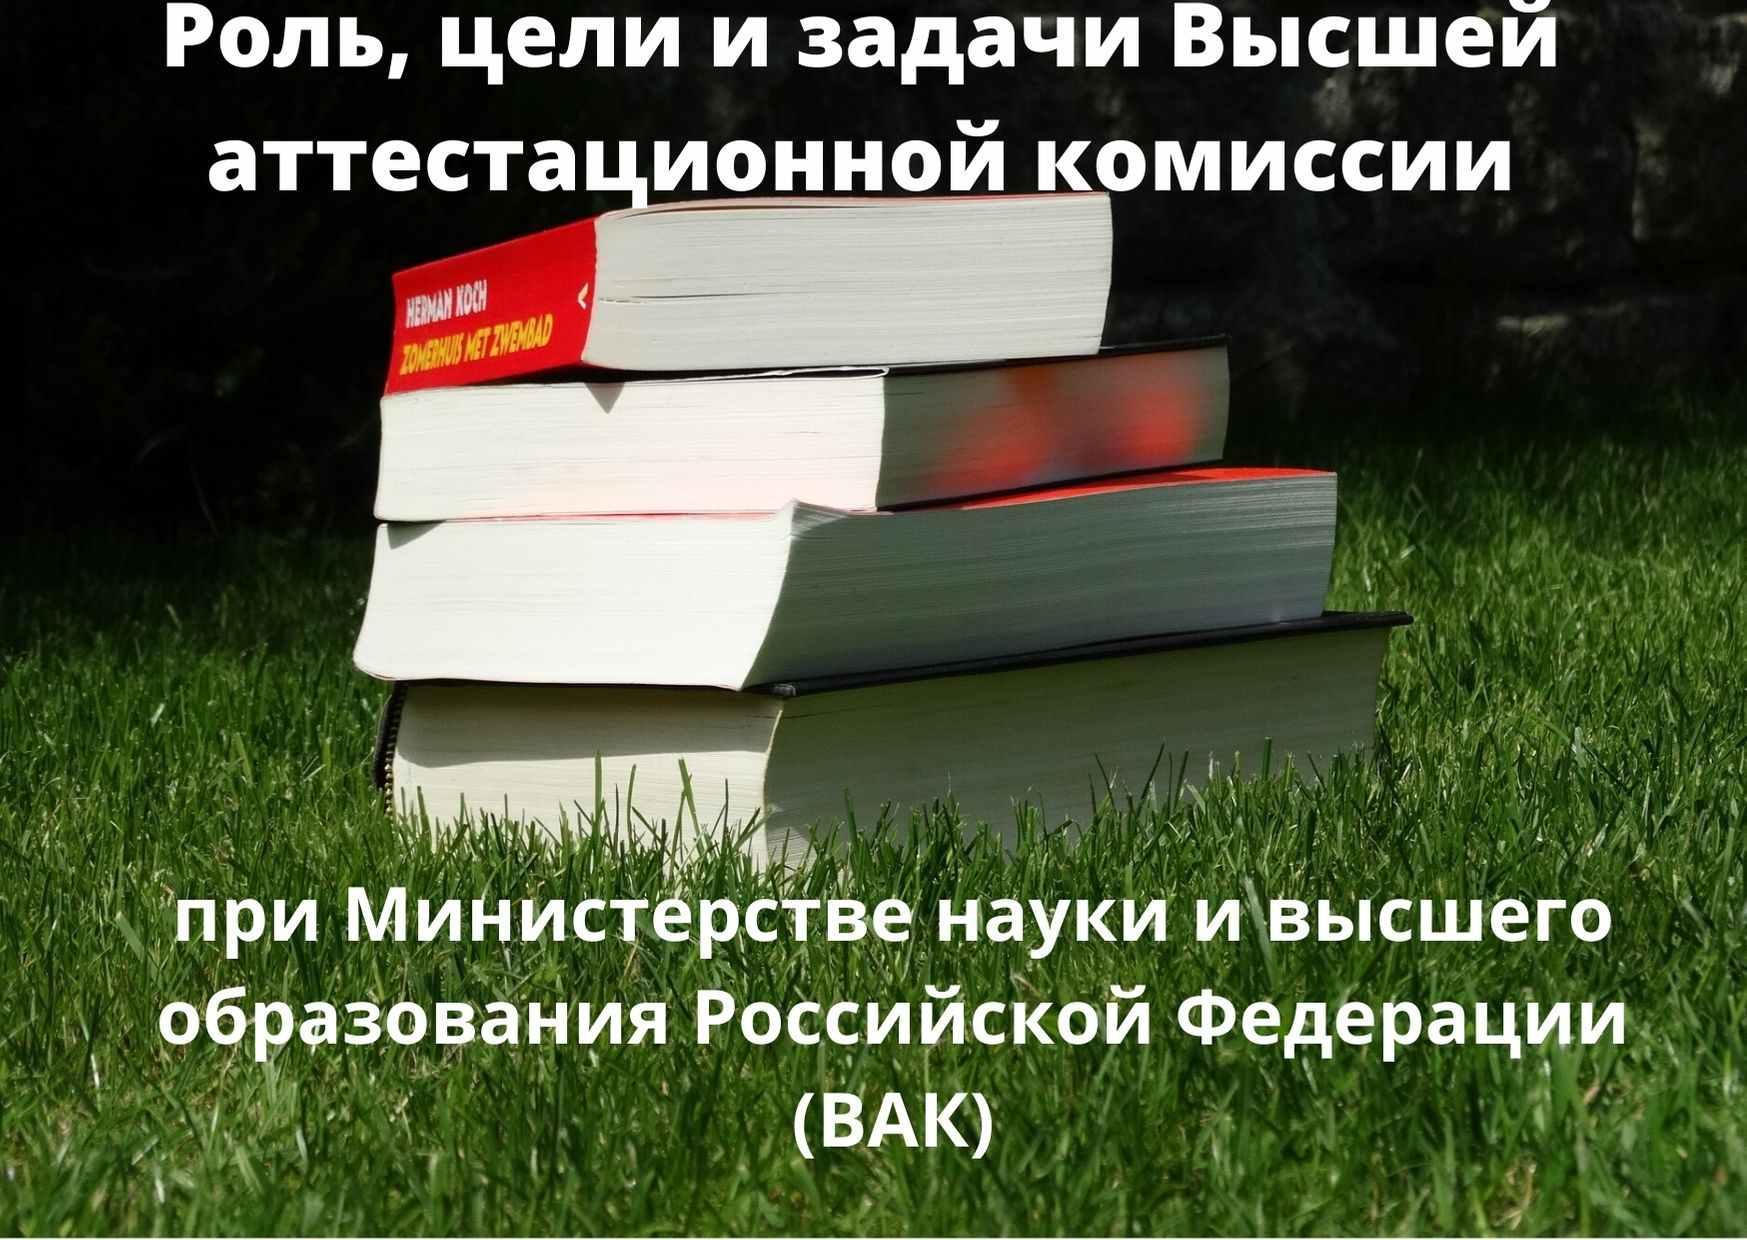 Роль, цели и задачи Высшей аттестационной комиссии при Министерстве науки и высшего образования Российской Федерации (ВАК)